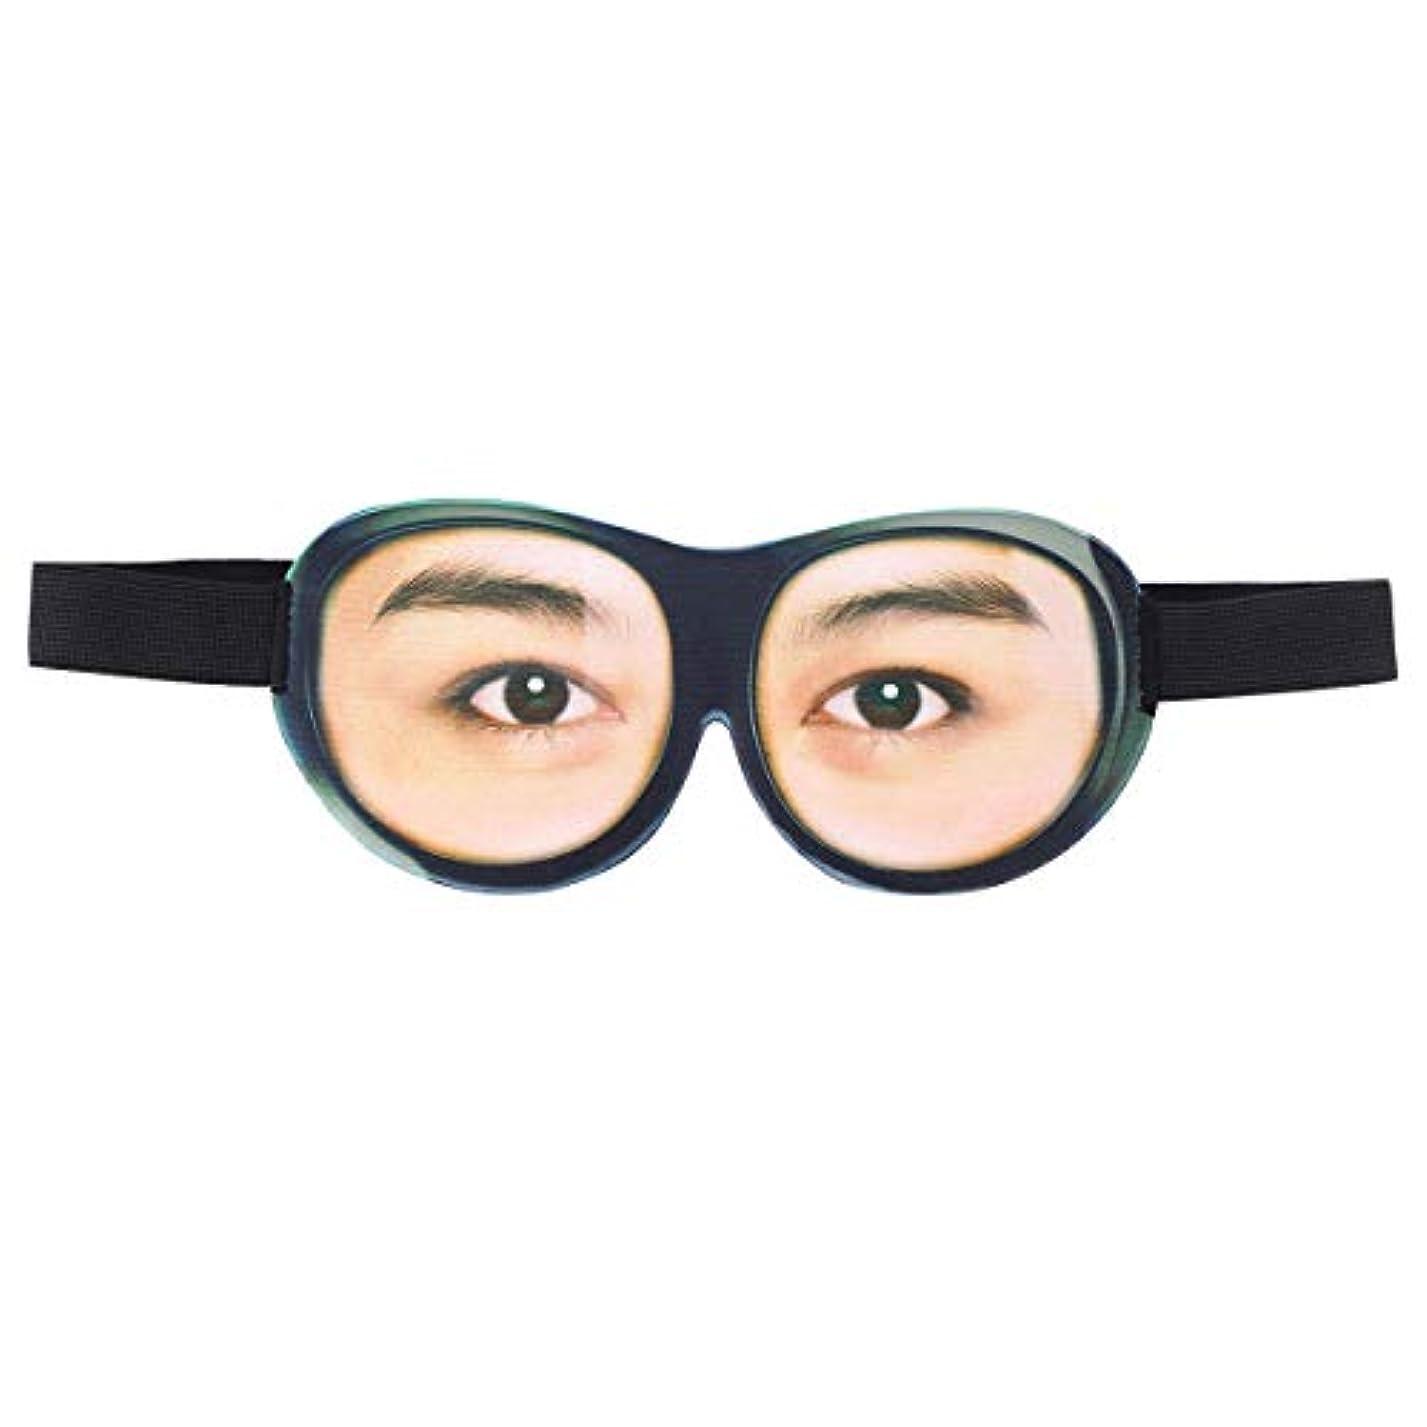 印象派栄養決めますHealifty 3D面白いアイシェード睡眠マスク旅行アイマスク目隠し睡眠ヘルパーアイシェード男性女性旅行昼寝と深い眠り(優しいふりをする)